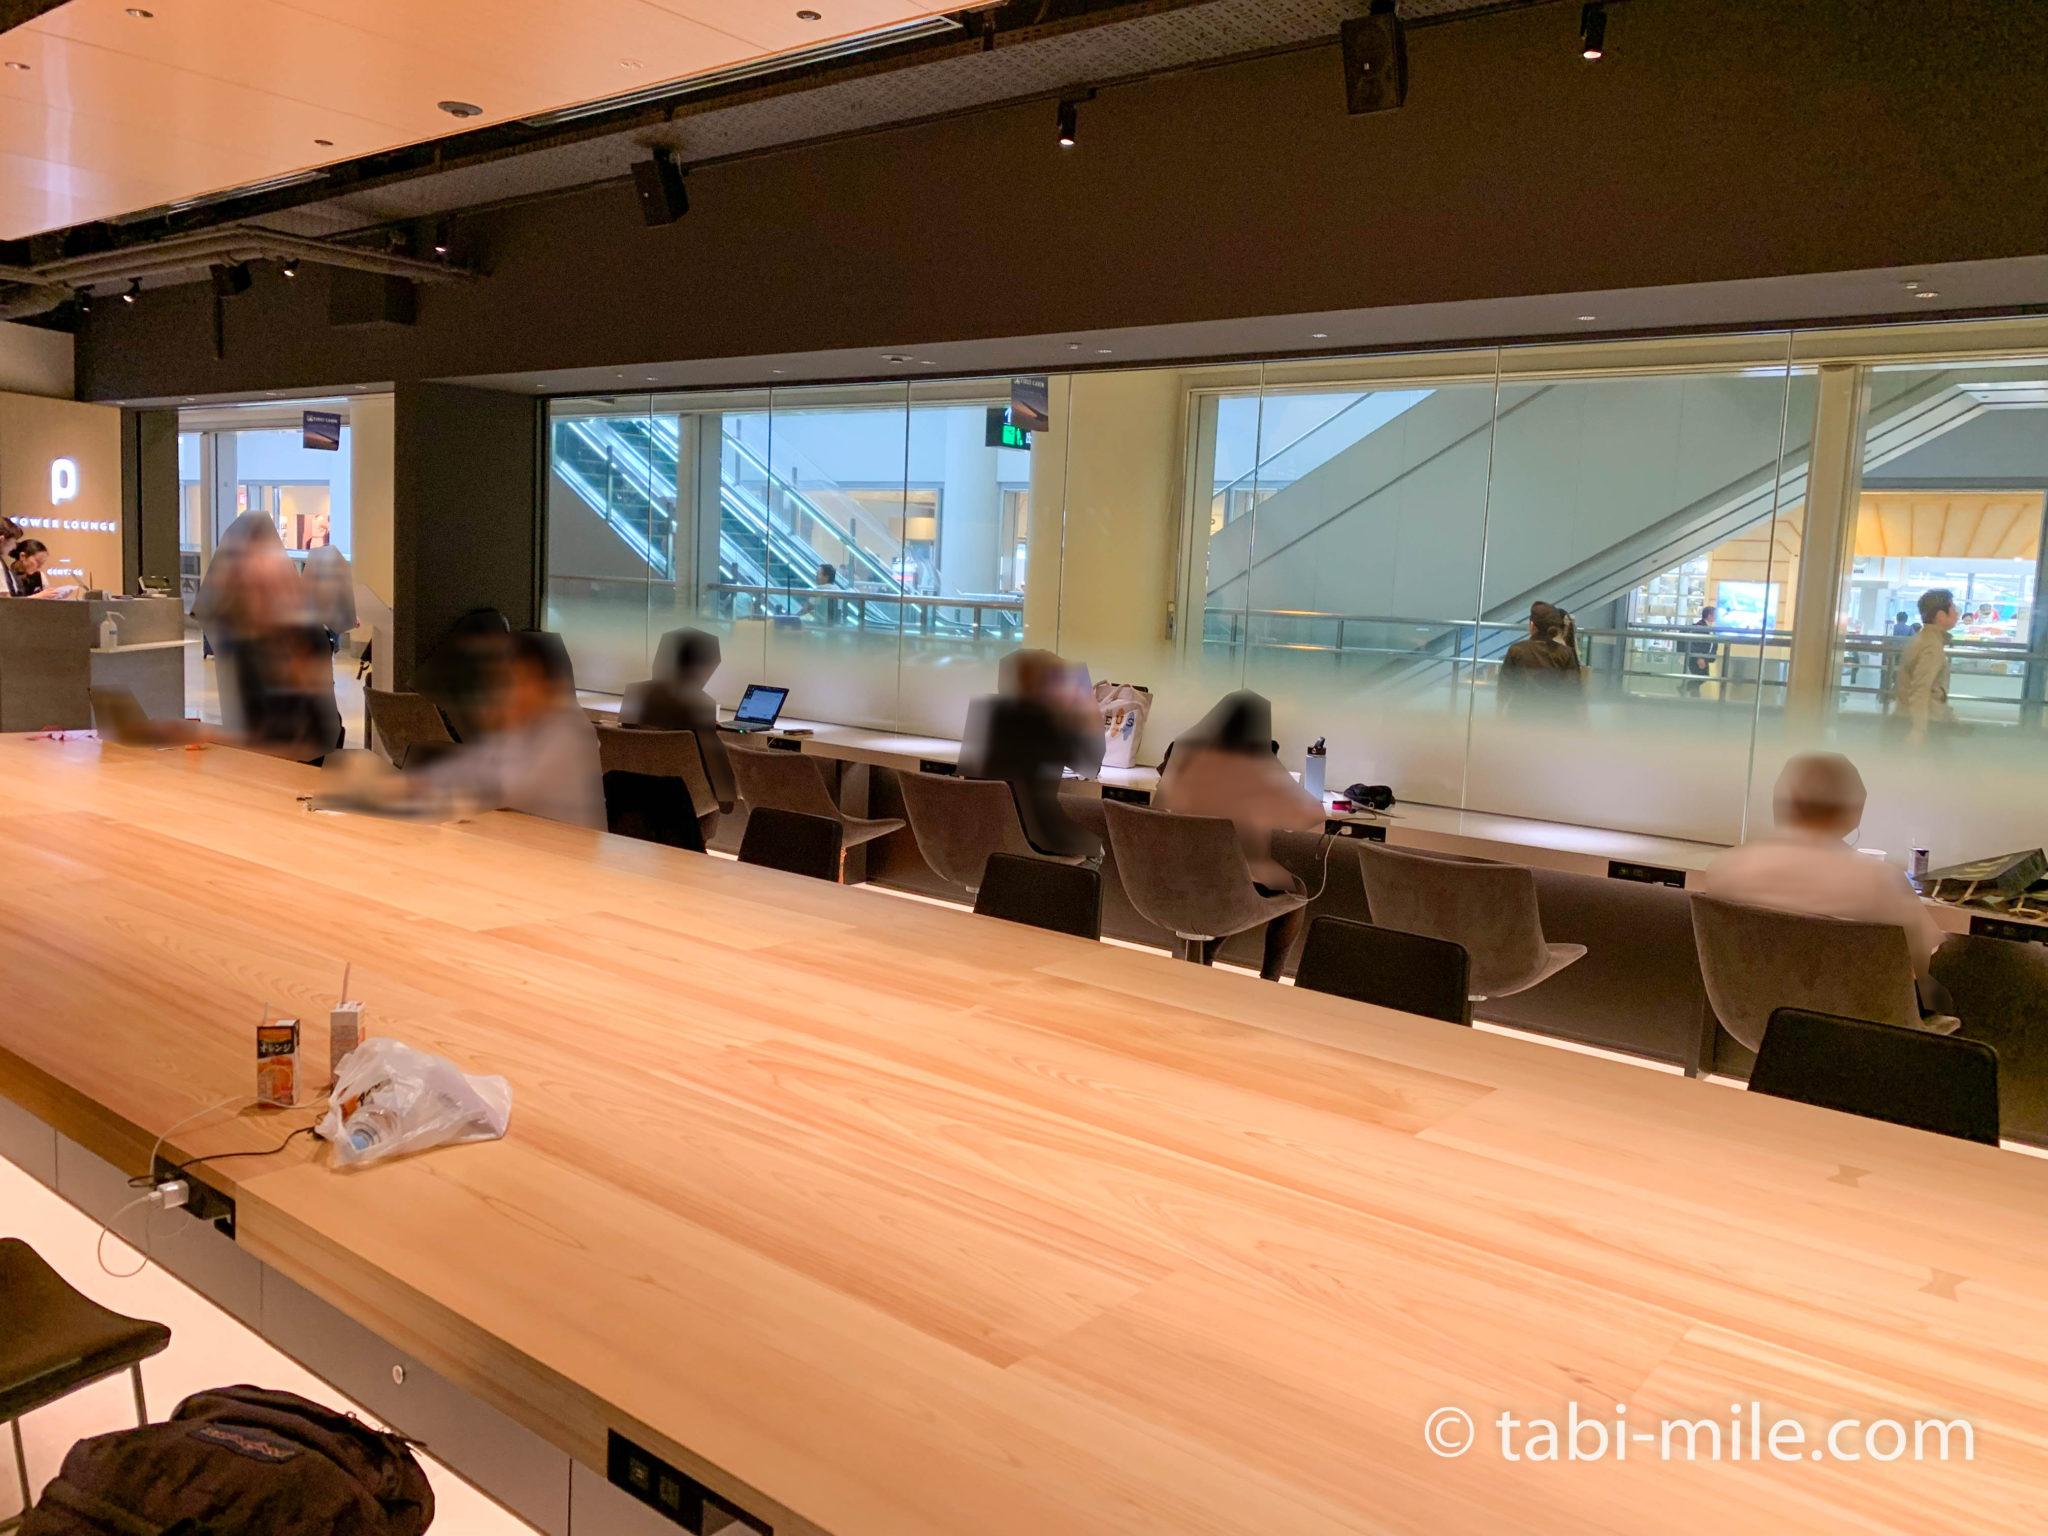 羽田空港第1ターミナルパワーラウンジセントラル